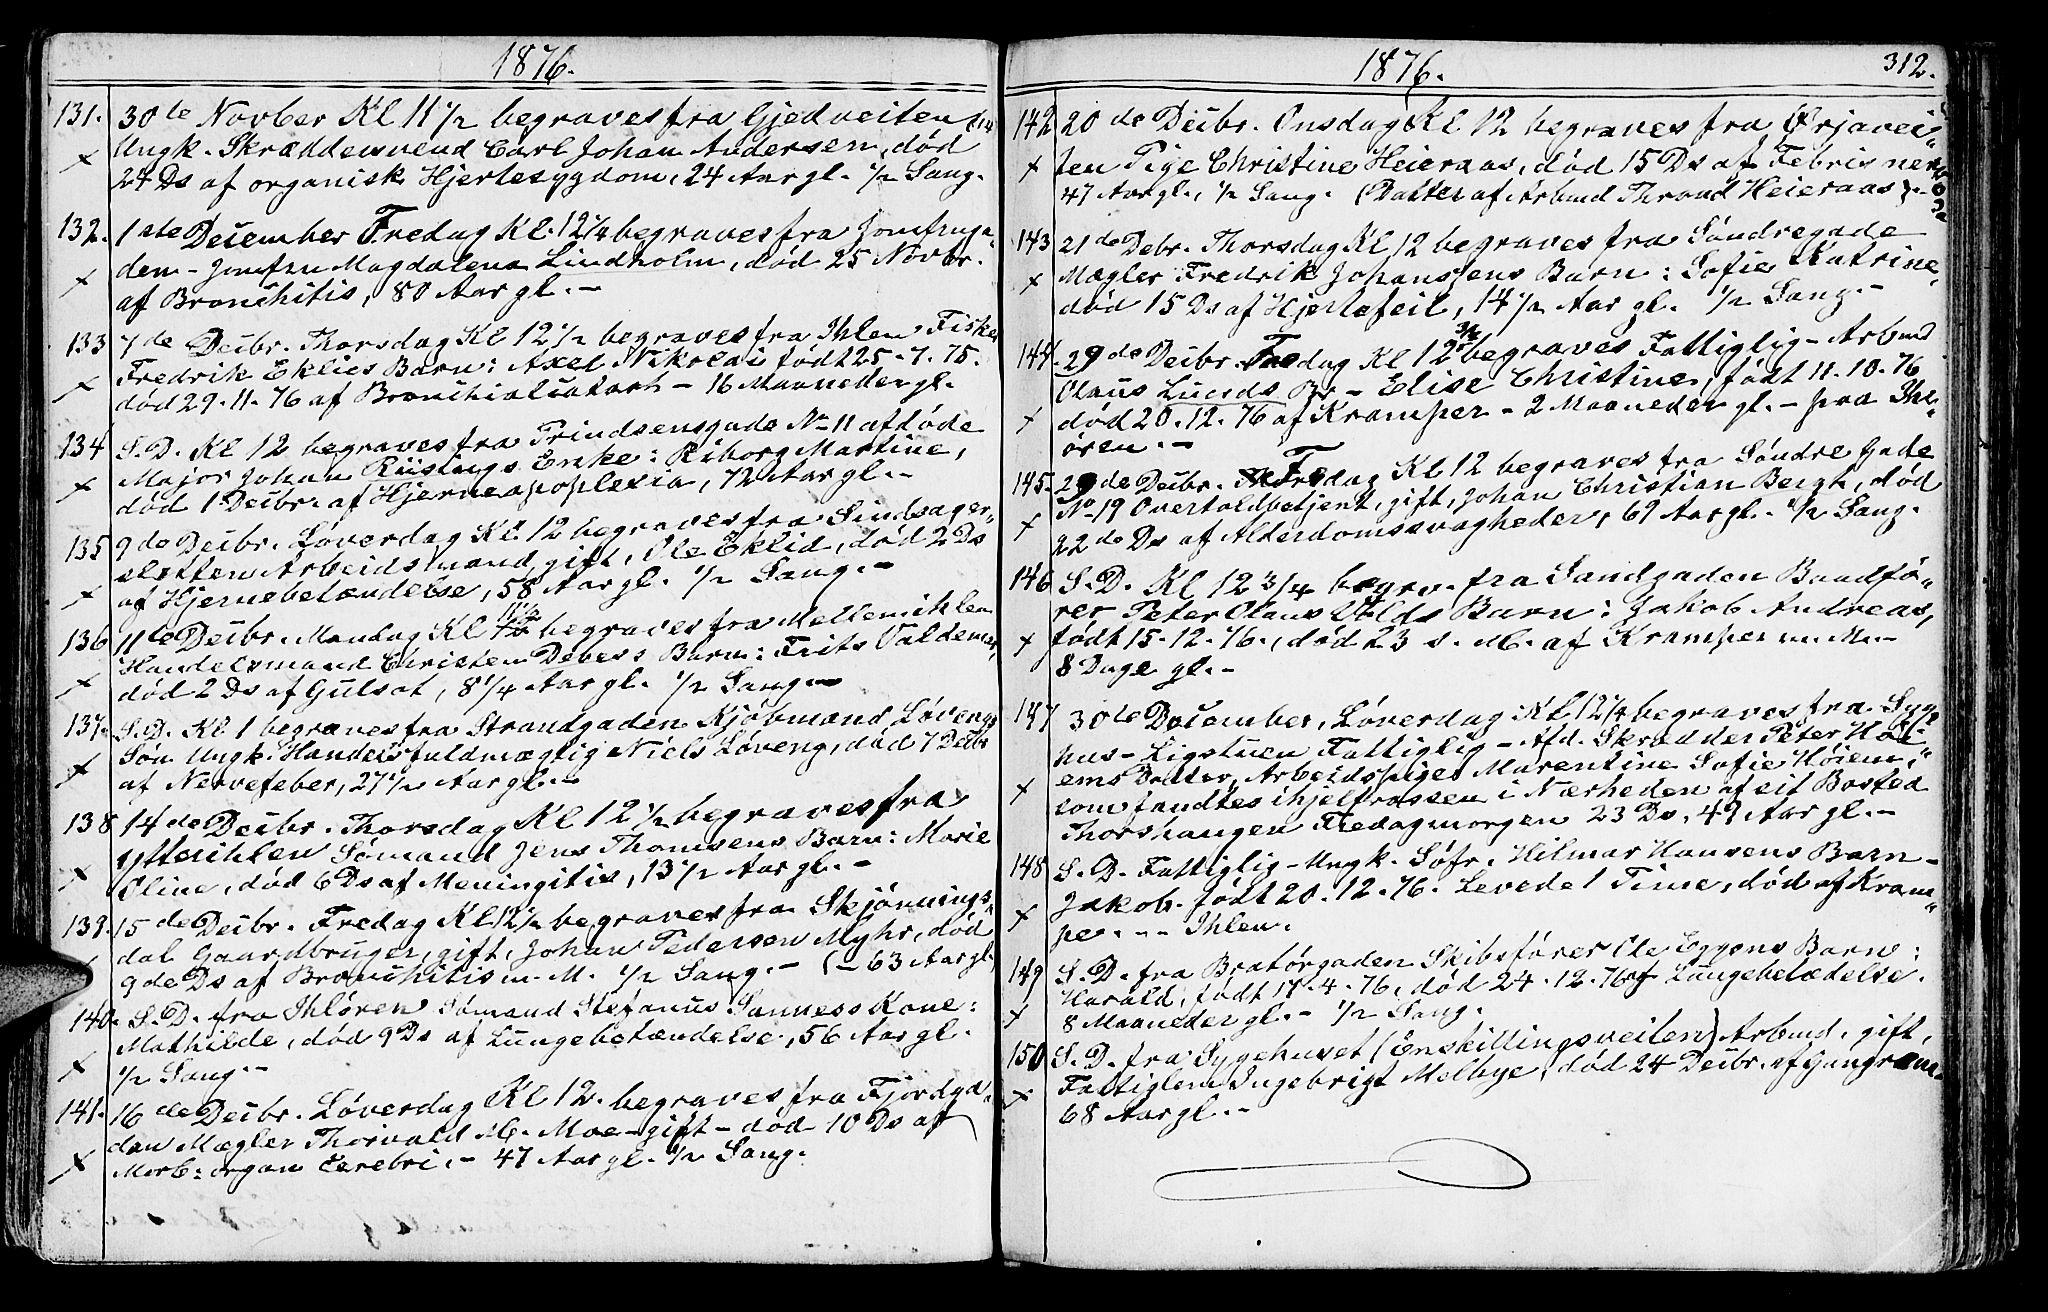 SAT, Ministerialprotokoller, klokkerbøker og fødselsregistre - Sør-Trøndelag, 602/L0142: Klokkerbok nr. 602C10, 1872-1894, s. 312